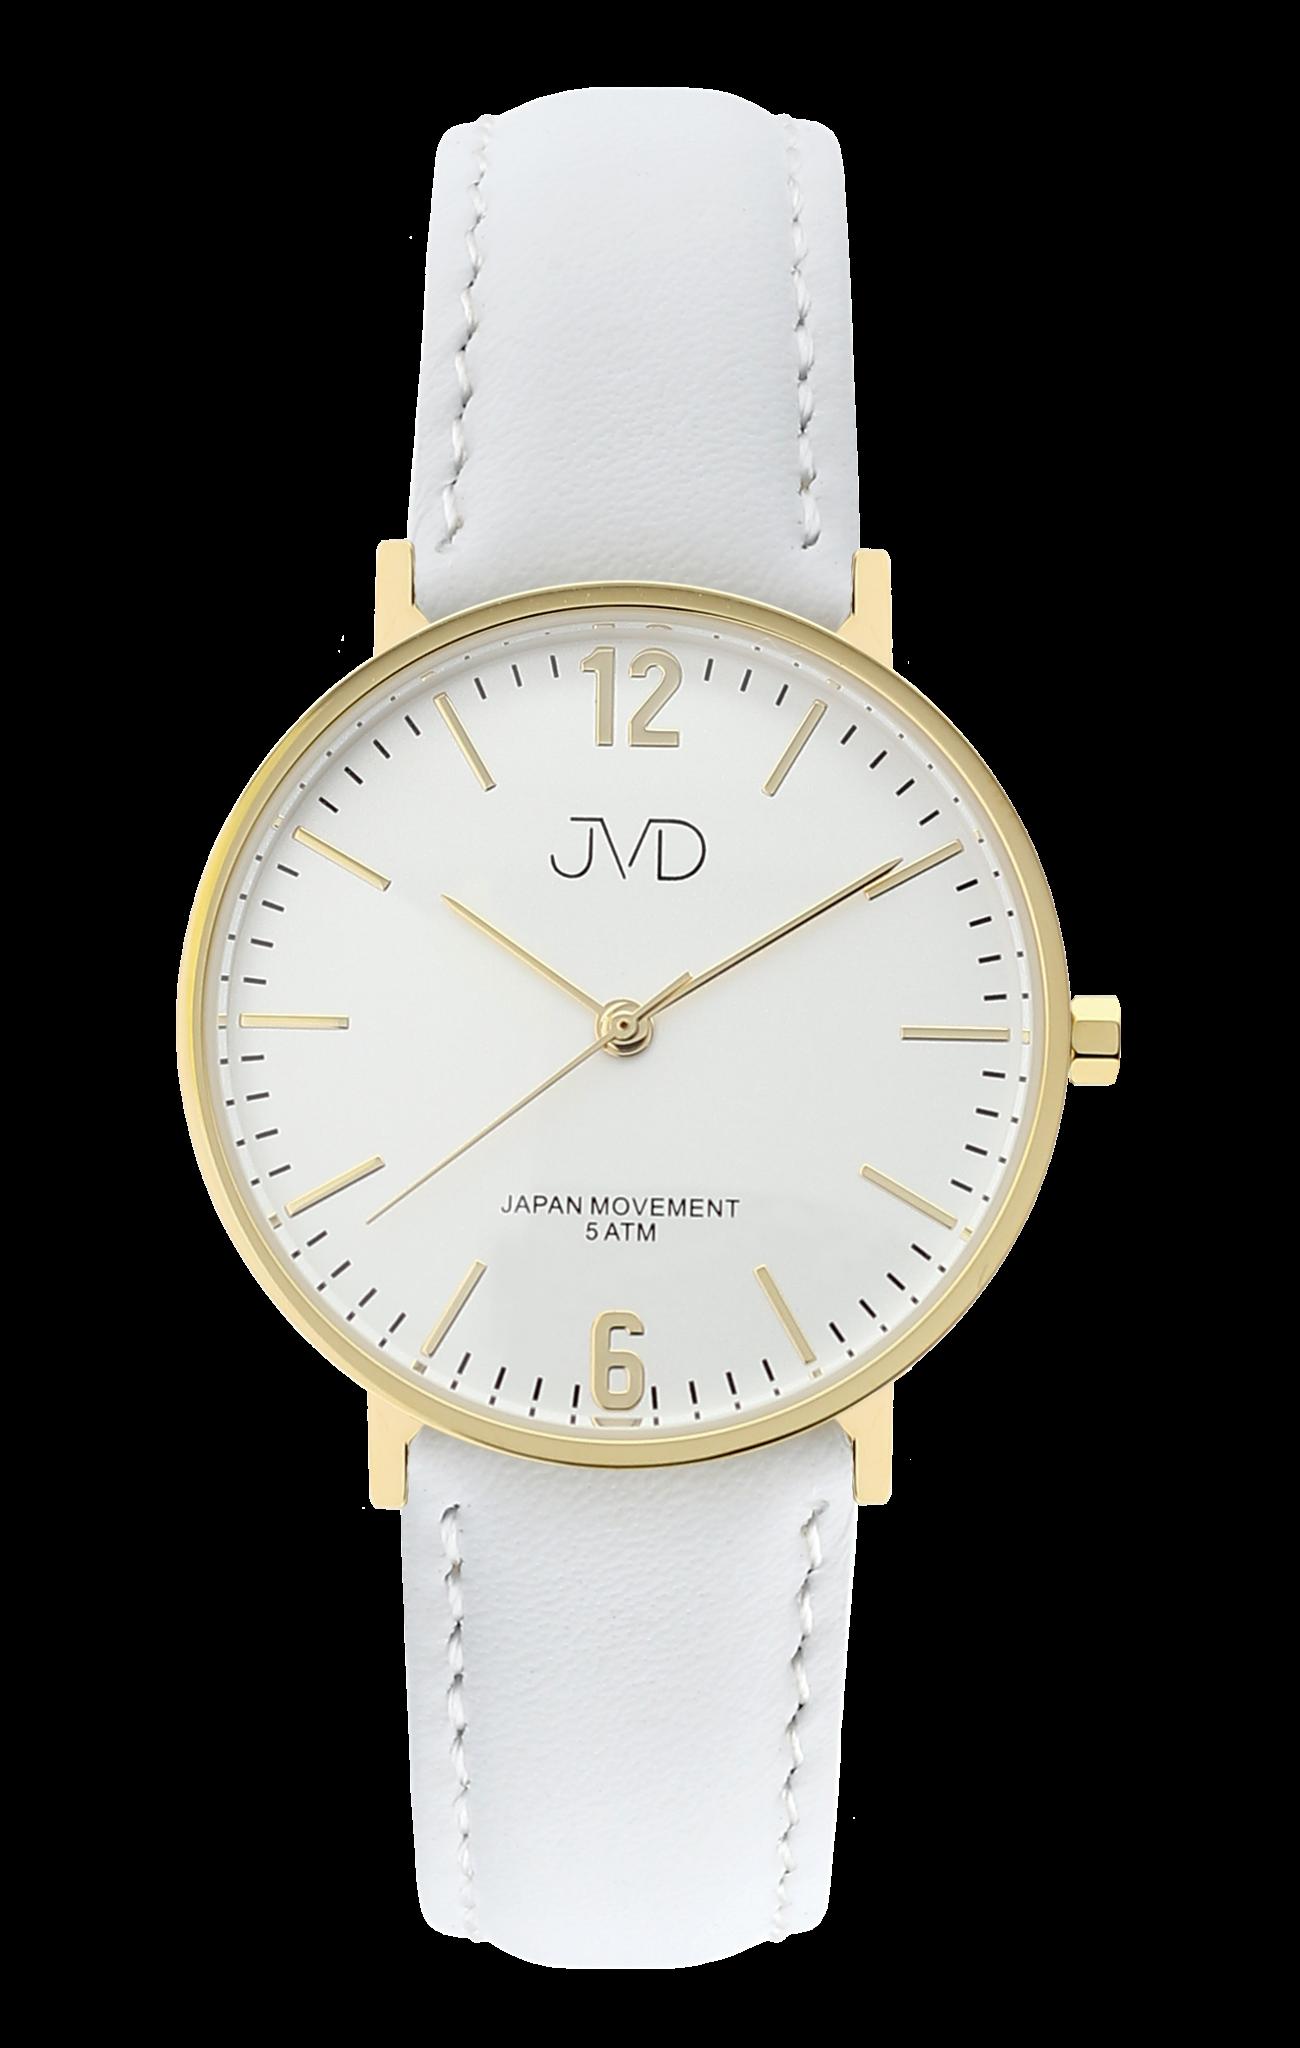 Bílé dámské luxusní elegantní hodinky JVD J4173.2 se zlatými prvky ... 992cf9bae76